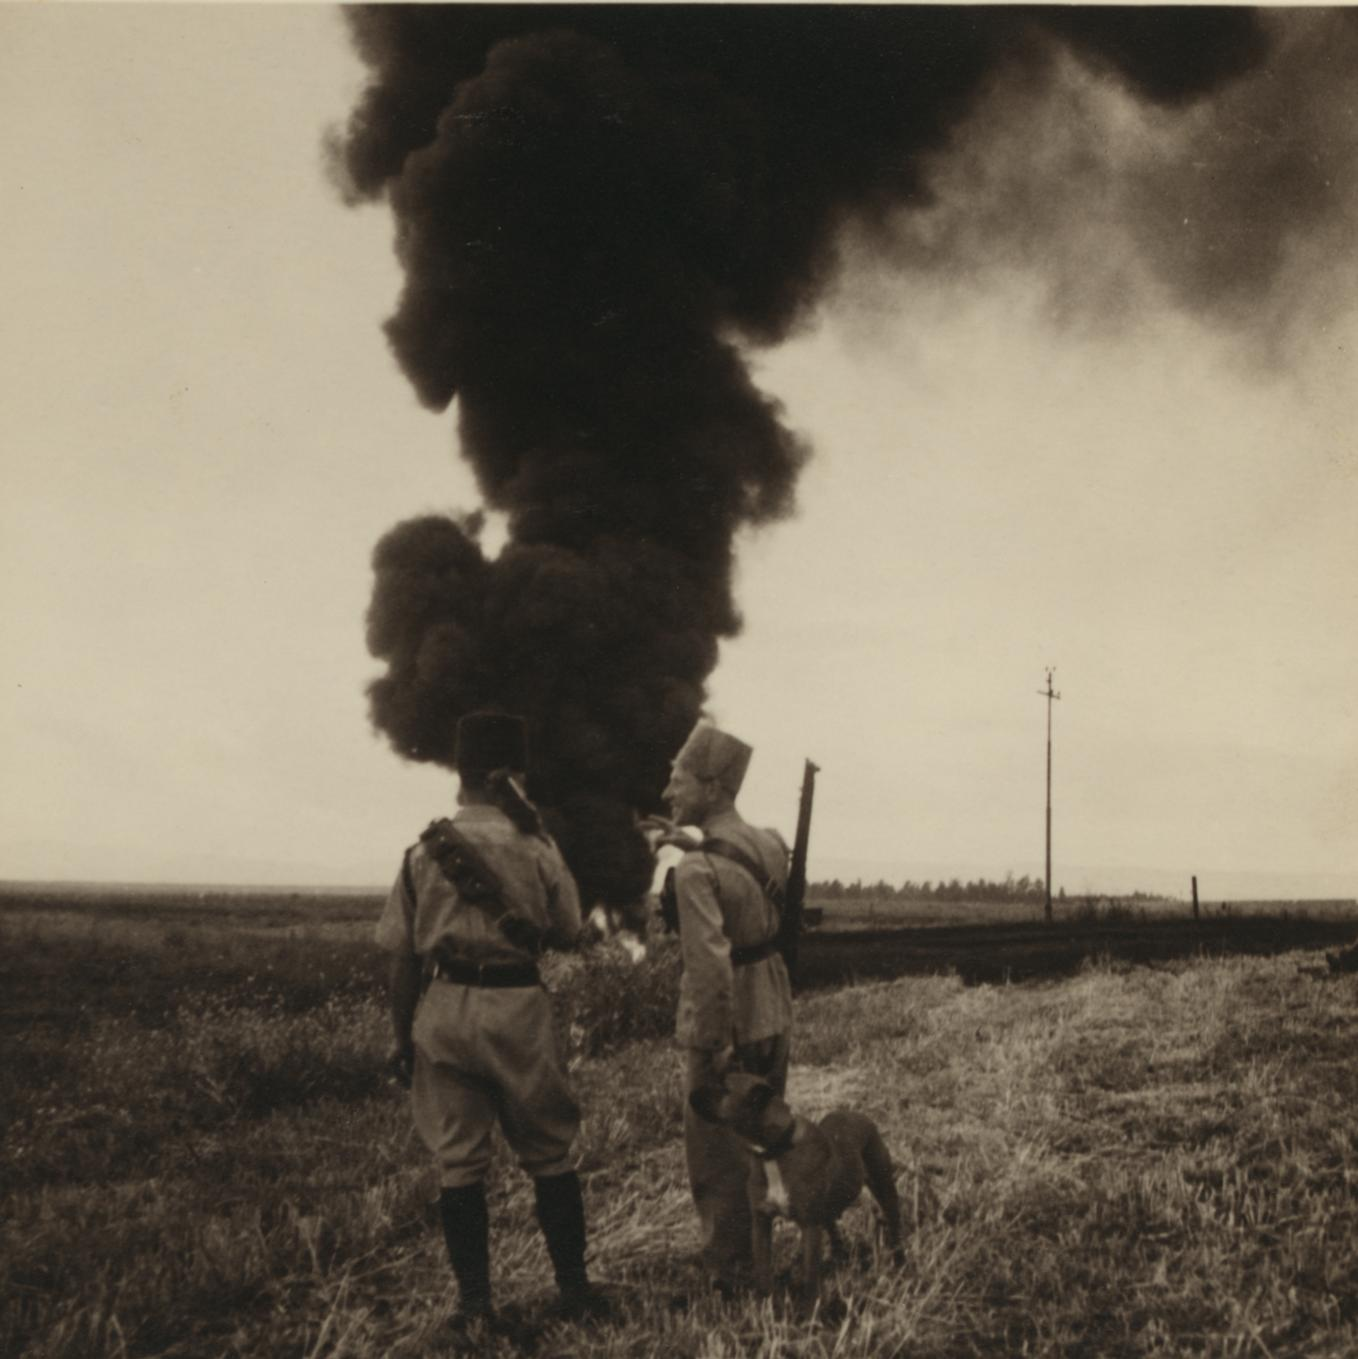 15 апреля. Нефтепровод МПК возле Афулы загорелся на рассвете1